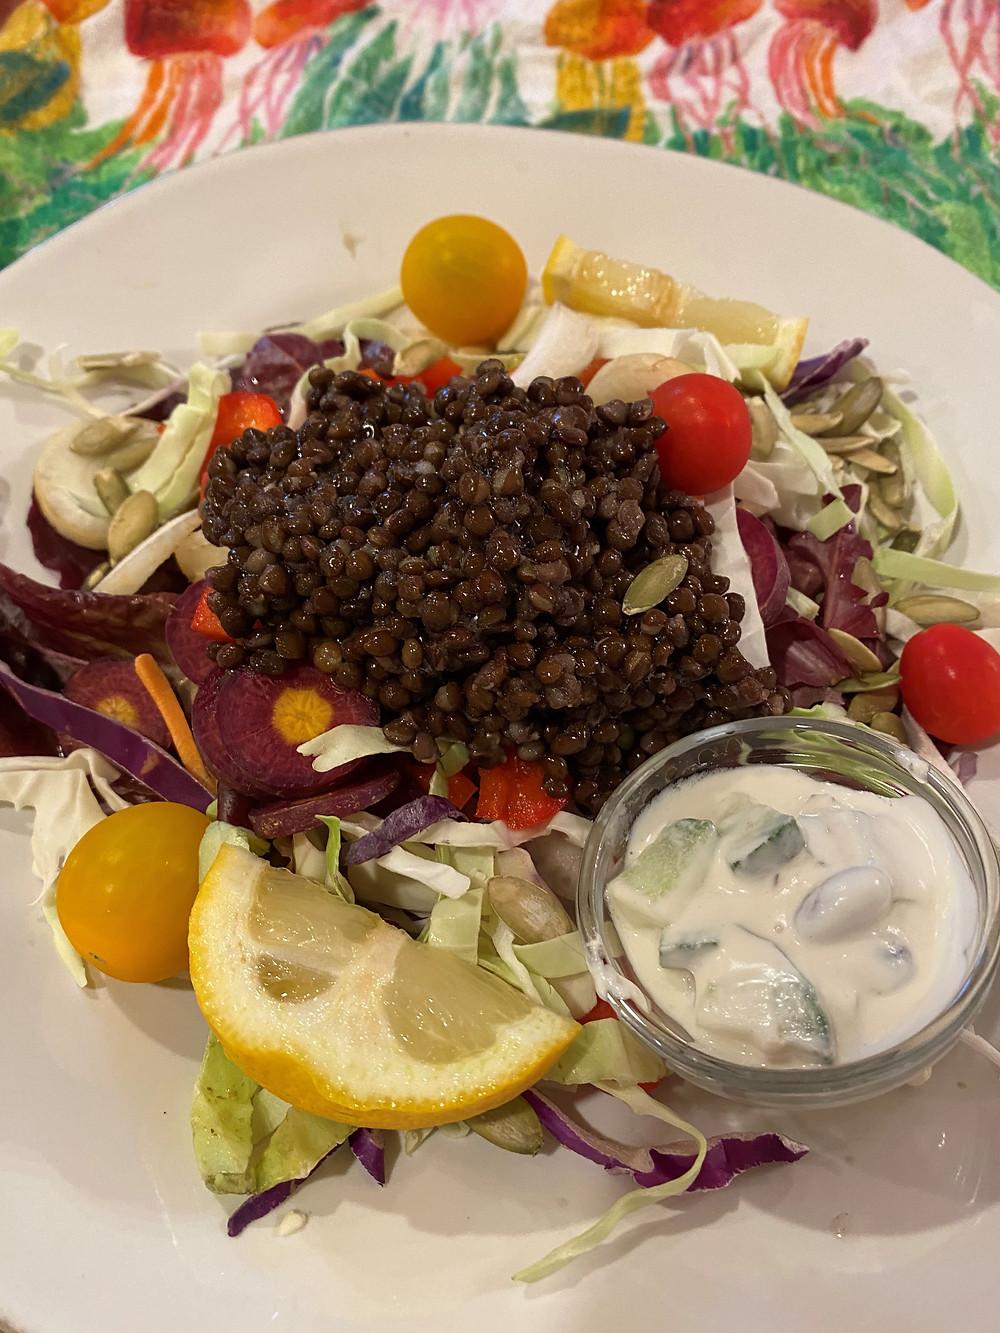 Lentil and cabbage salad